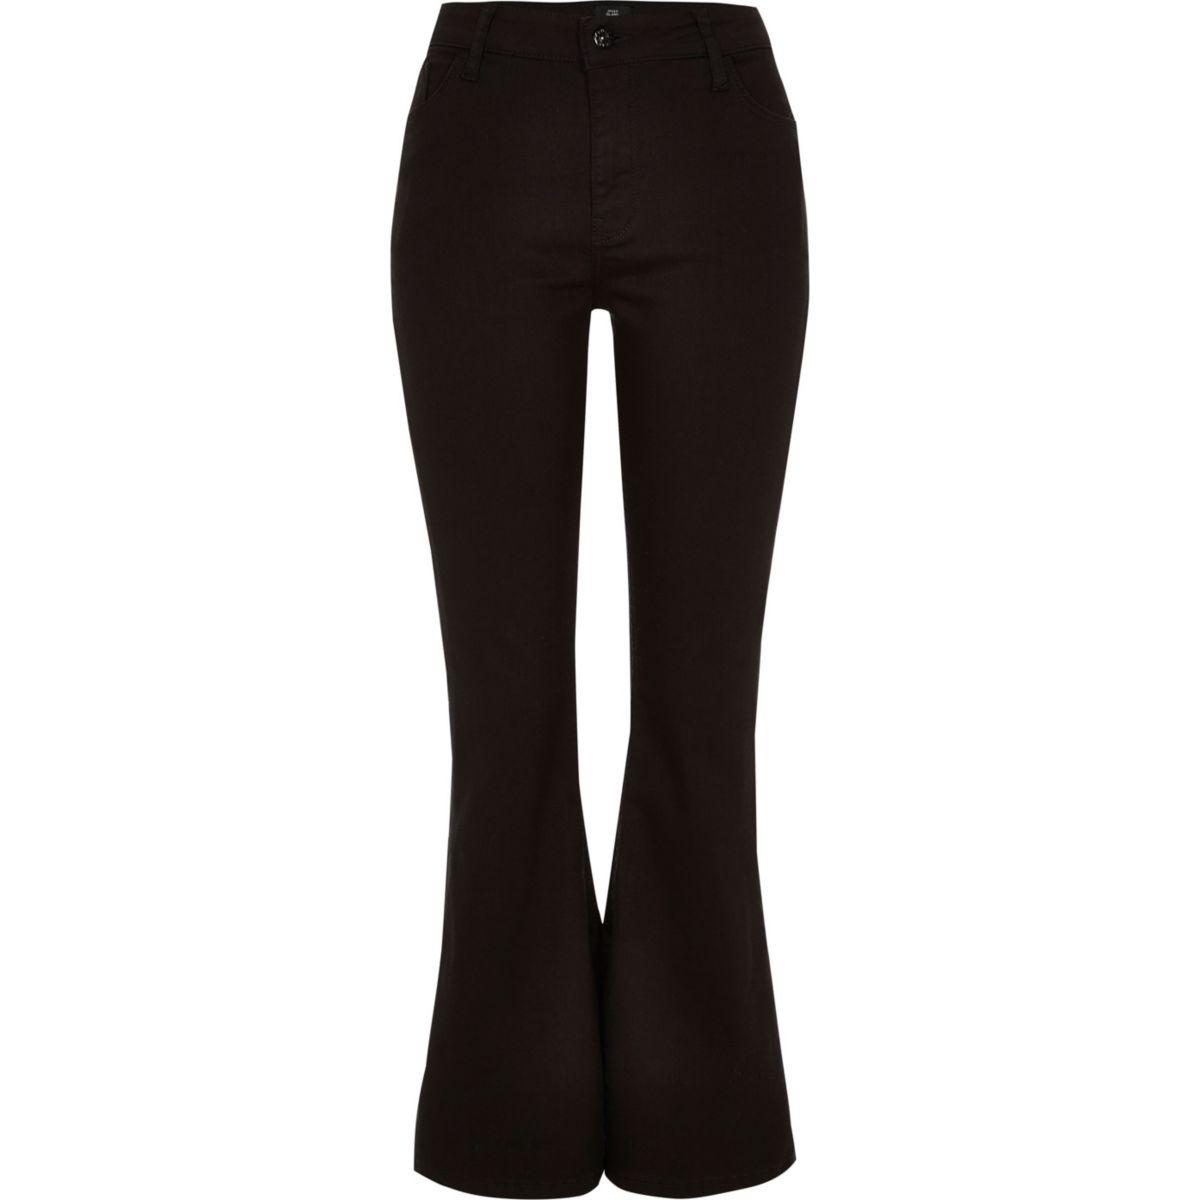 jeans high flare rise Petite black gqTq1